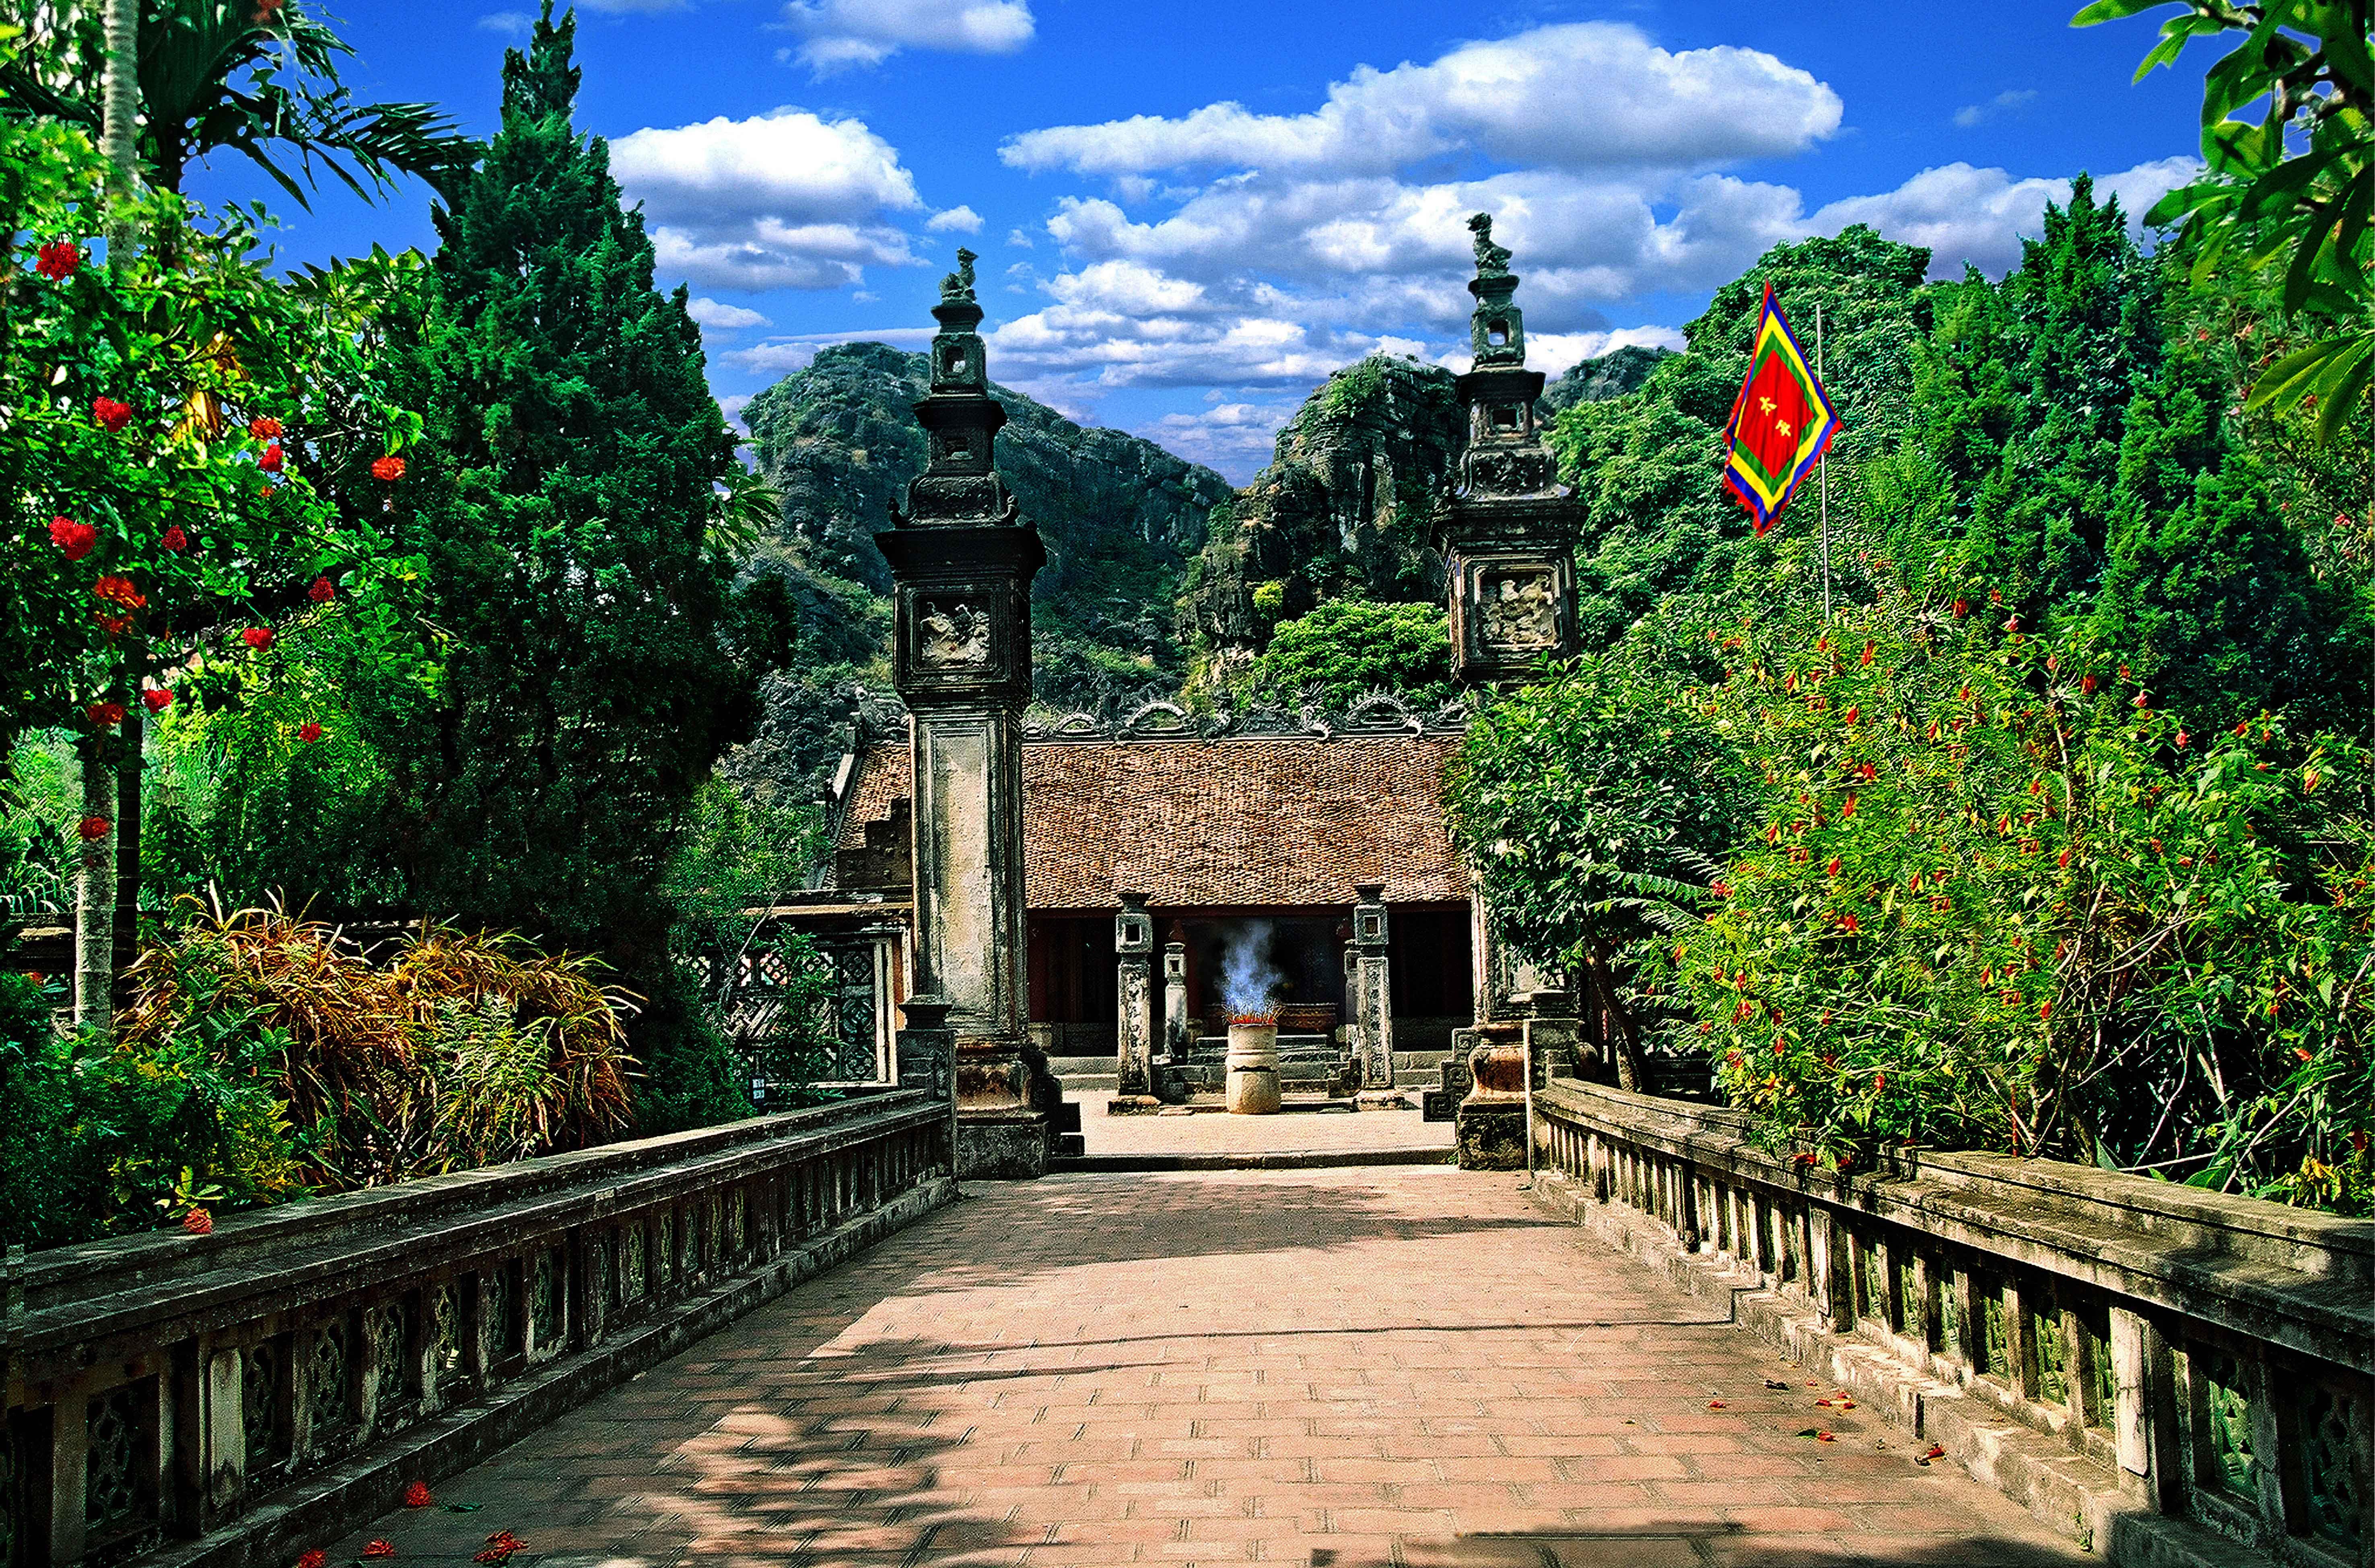 kinh nghiệm du lịch cố đô Hoa Lư Ninh Bình